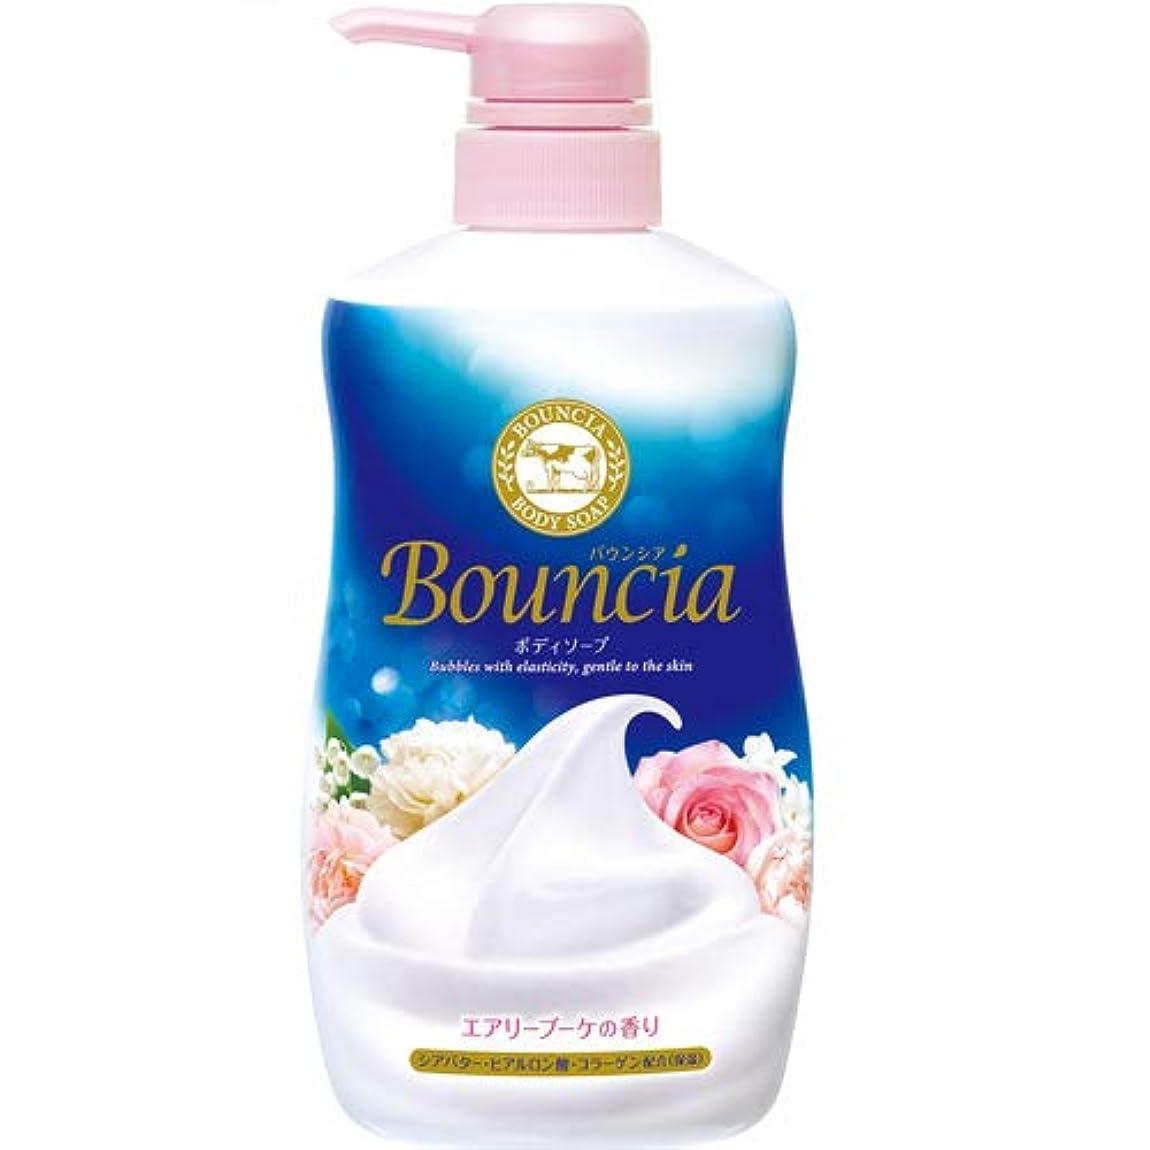 テレビ局乱雑な傭兵バウンシア ボディソープ エアリーブーケの香り ポンプ付 500mL